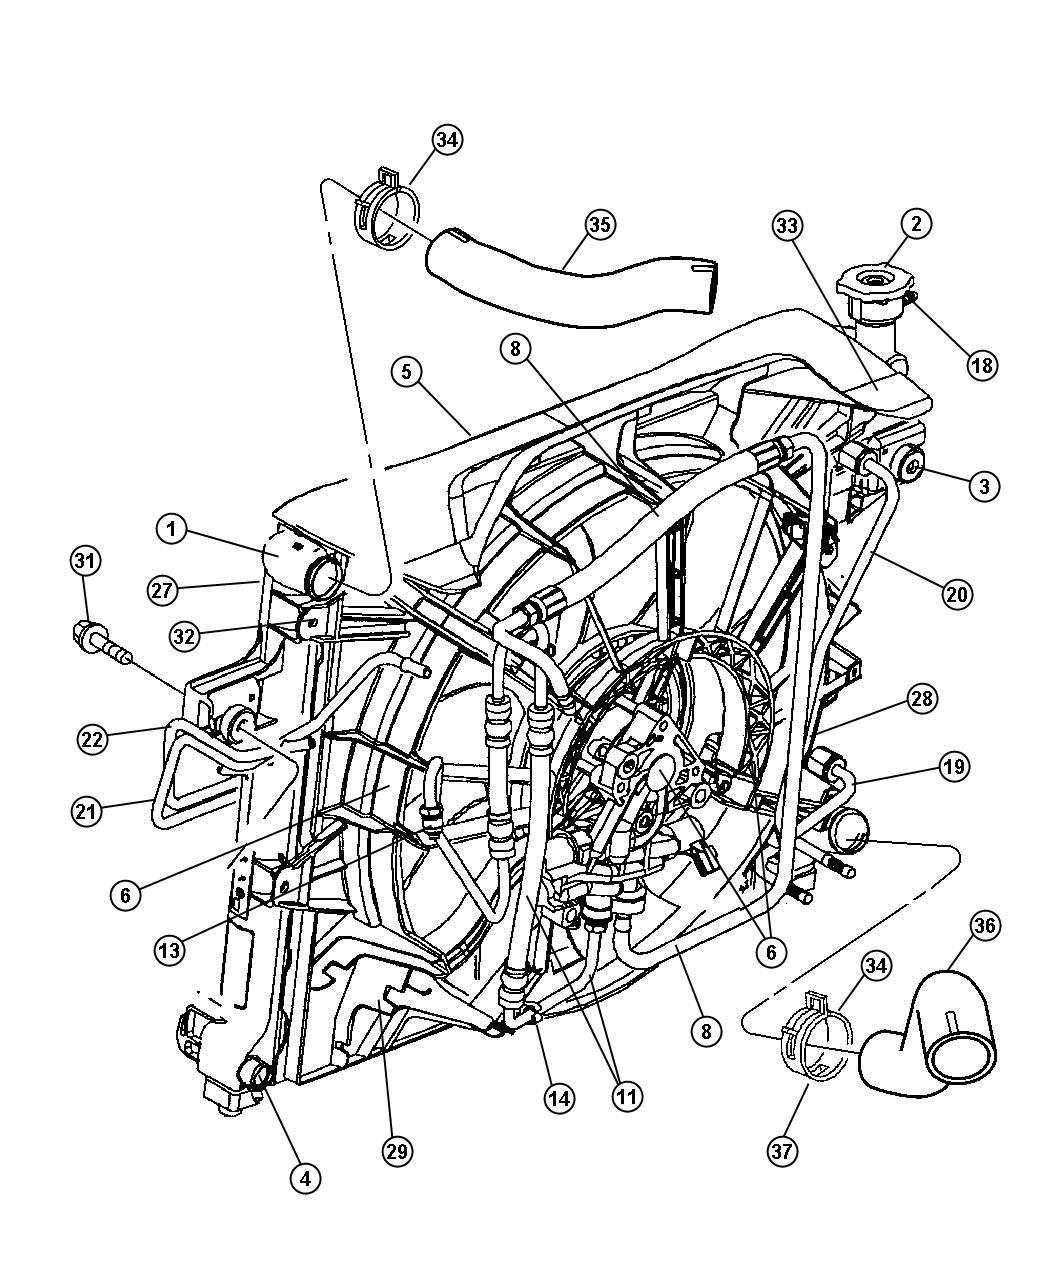 Jeep Grand Cherokee Fan Module Shroud Solenoid